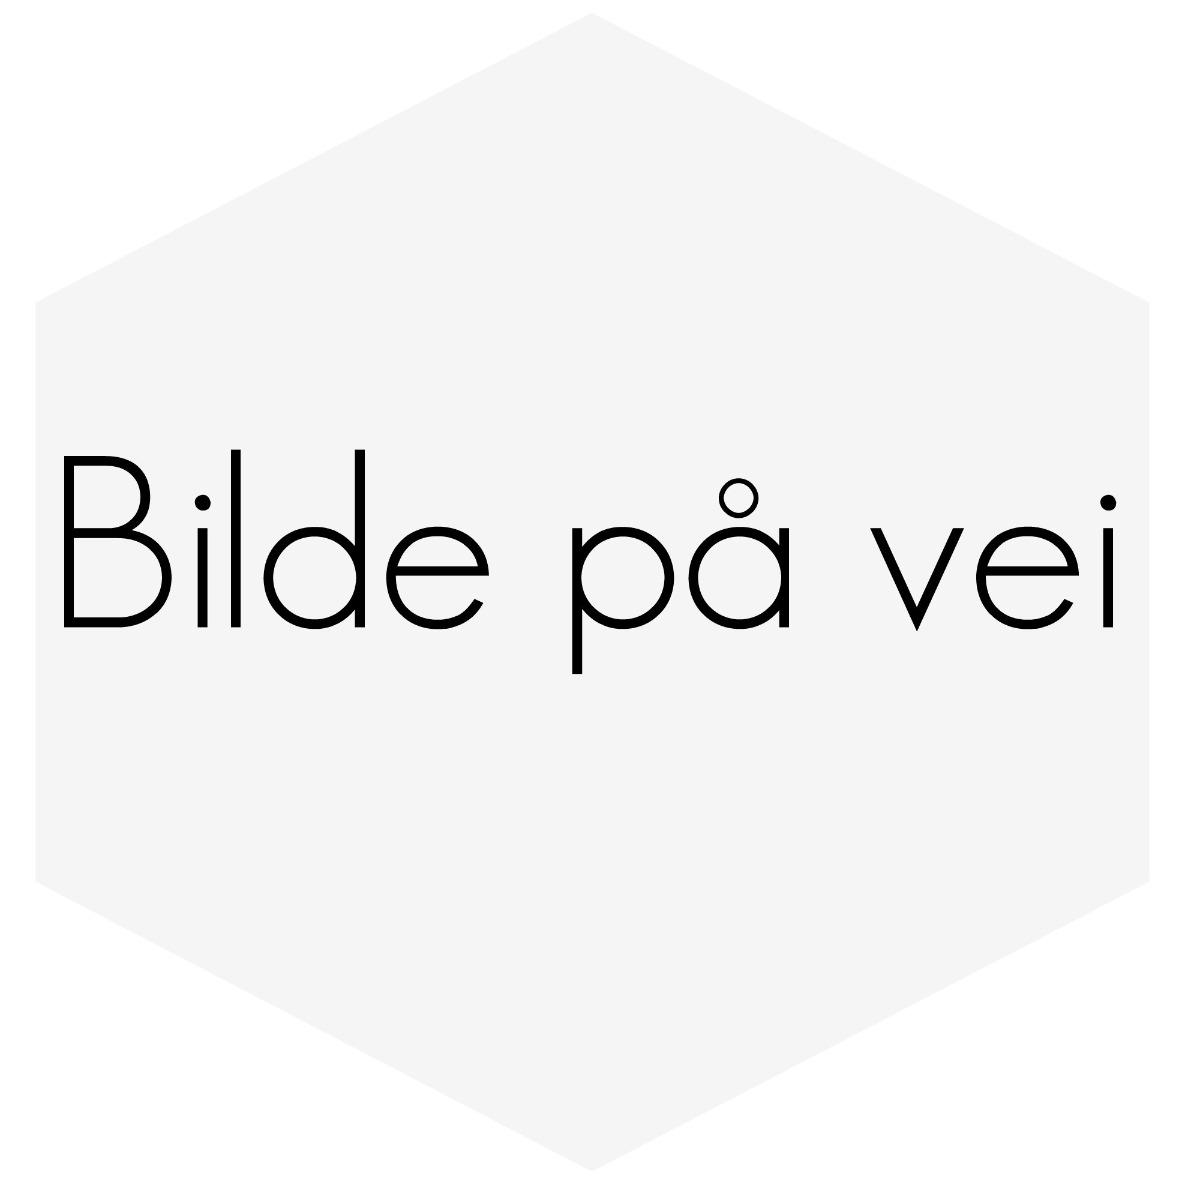 SPOILER/VINGE BAK VOLVO S60 GRUNNET CHALLENGELOOK